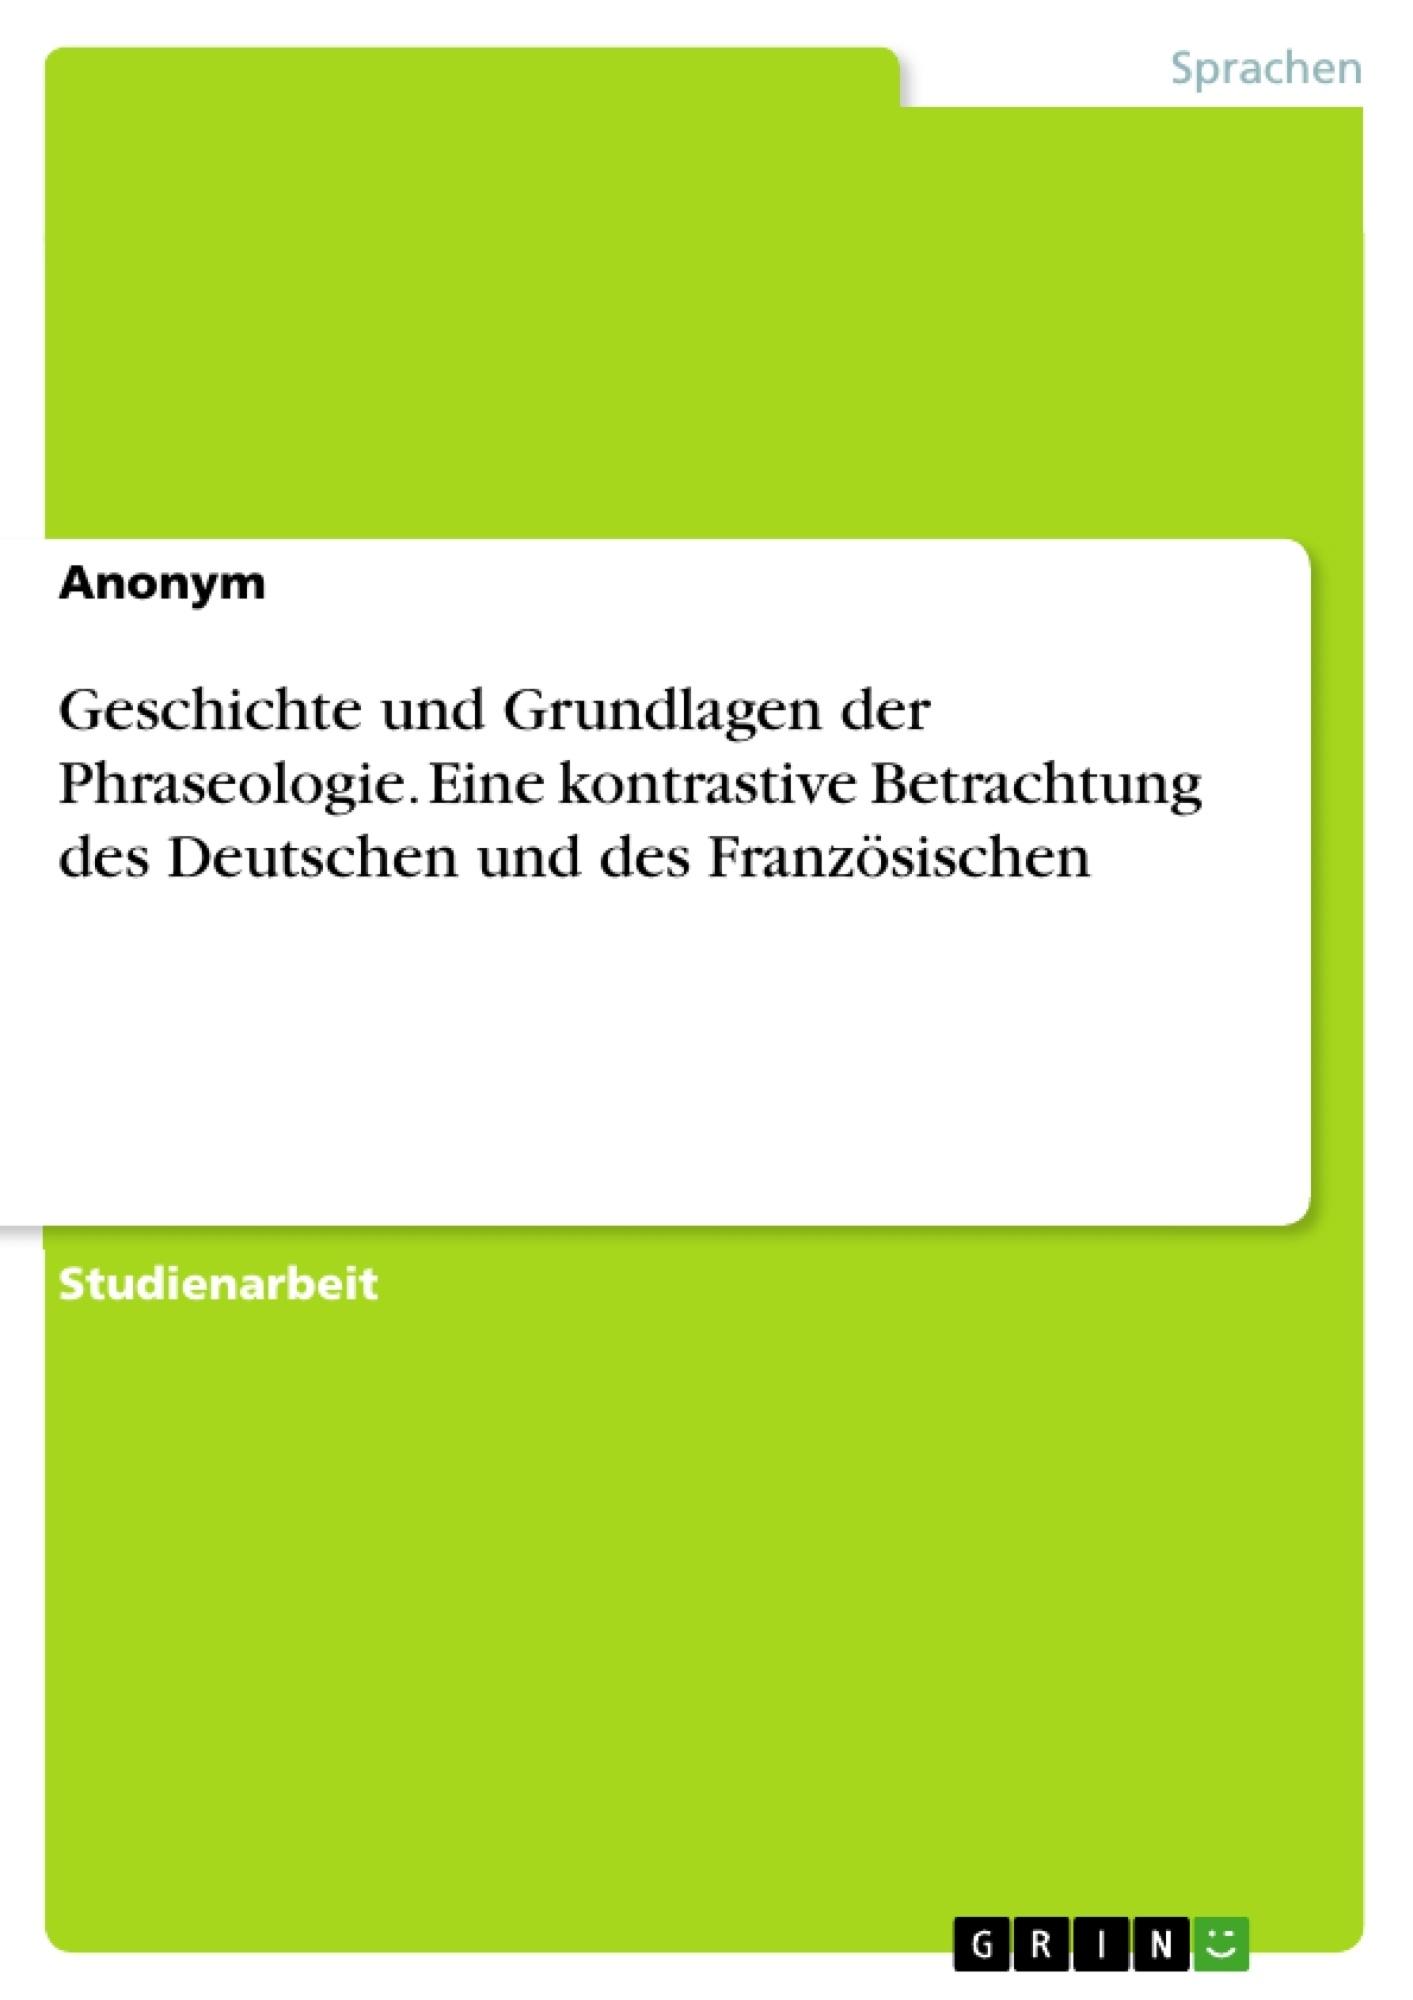 Titel: Geschichte und Grundlagen der Phraseologie. Eine kontrastive Betrachtung des Deutschen und des Französischen